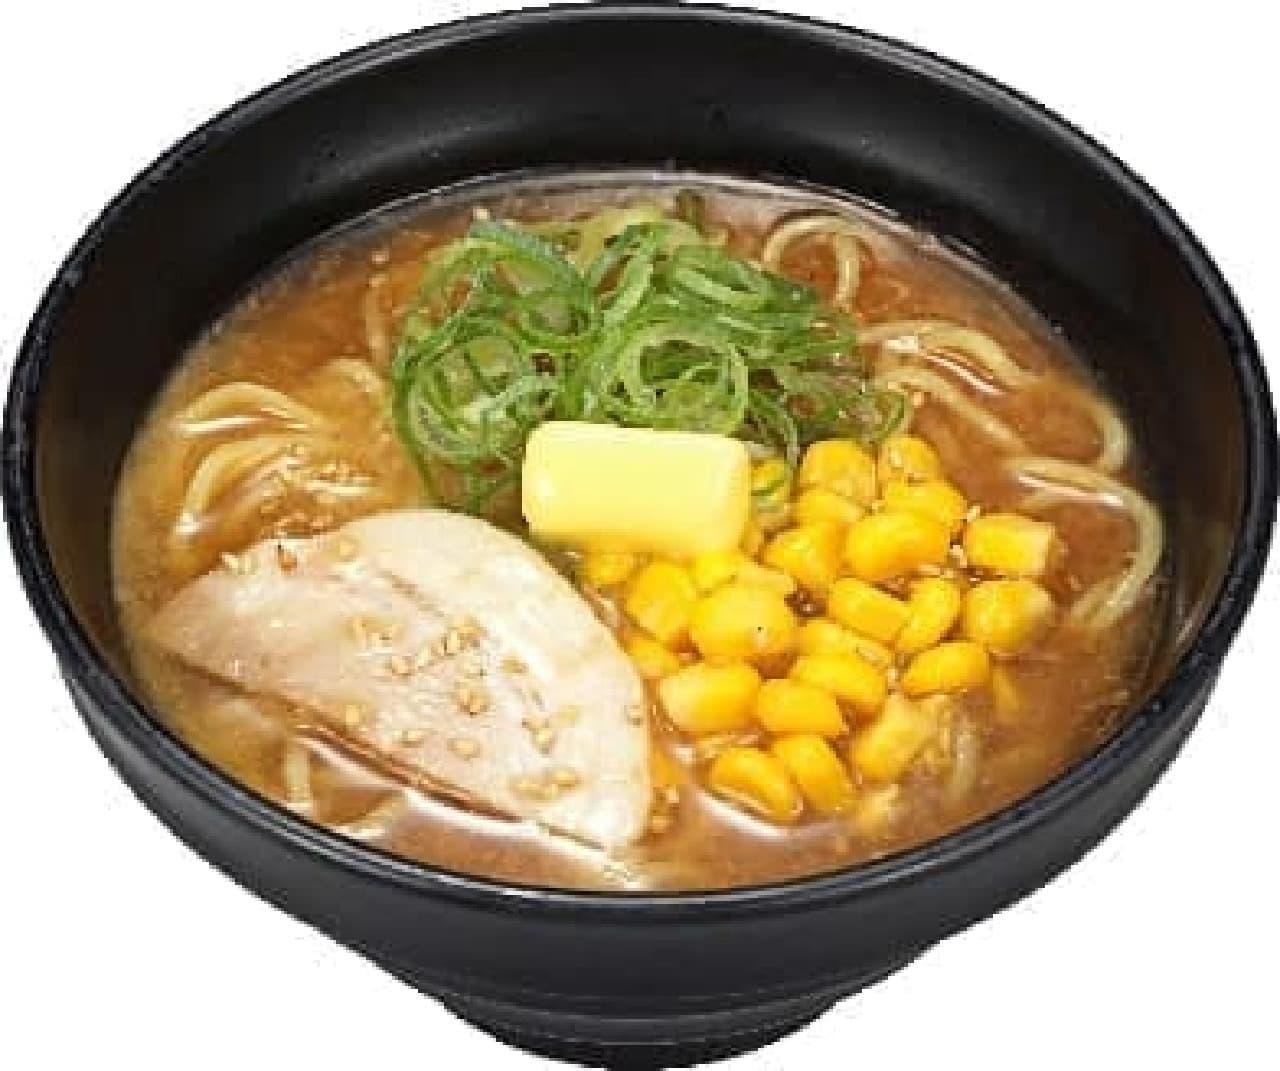 かっぱ寿司 本格ラーメン第12弾「味噌バターコーンラーメン」